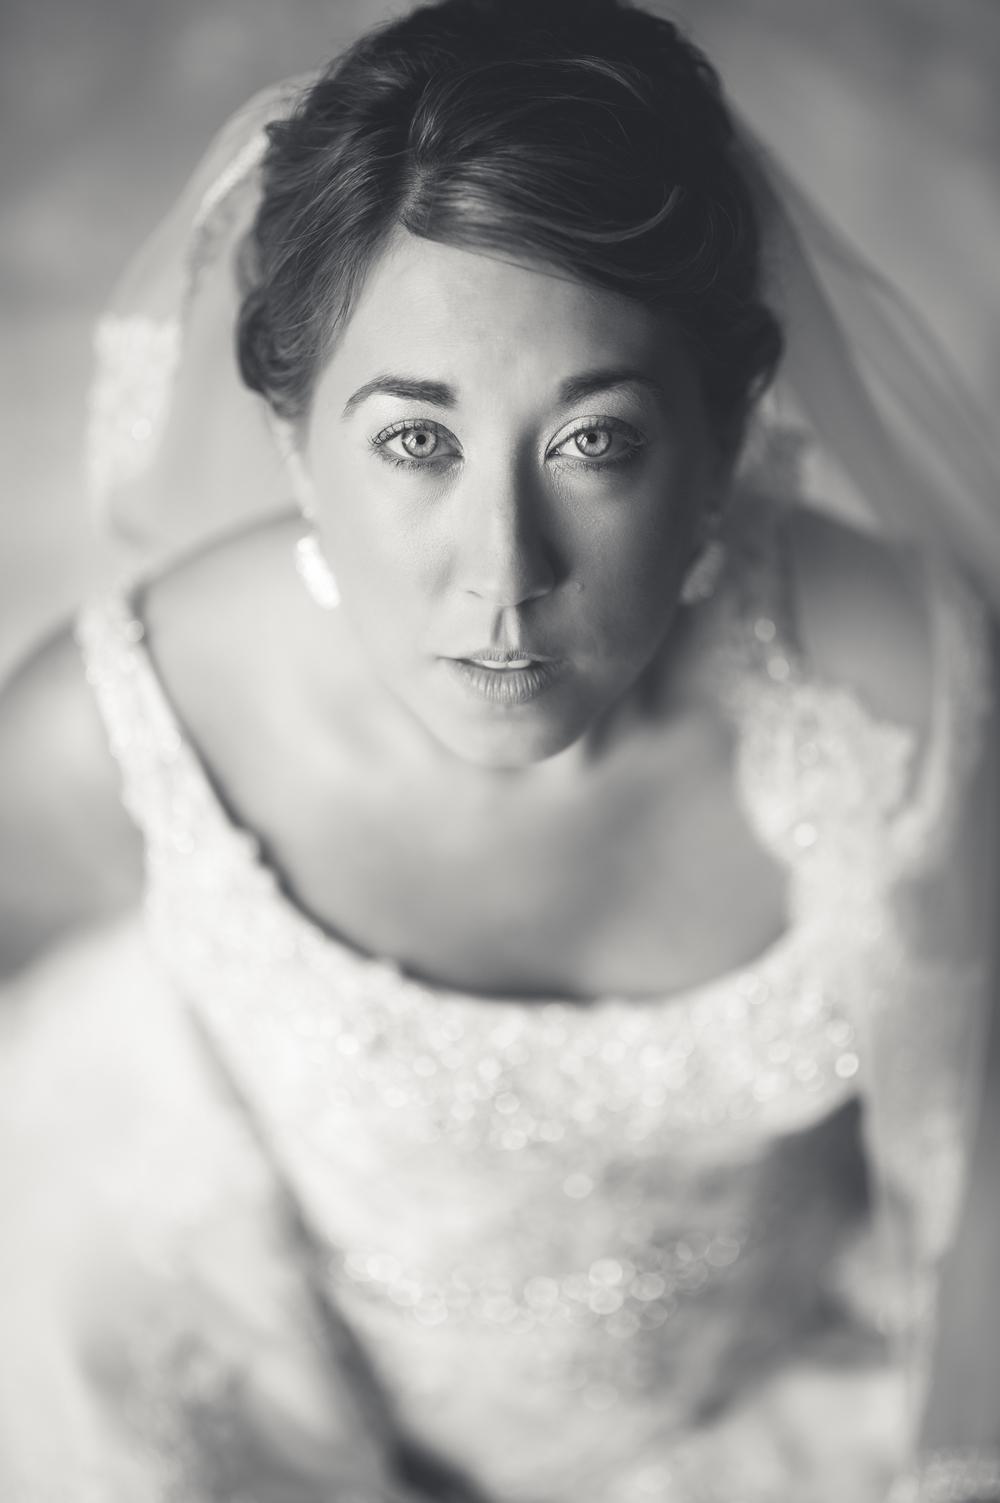 Seth and Beth - Best Wedding Photographer Columbus, Ohio